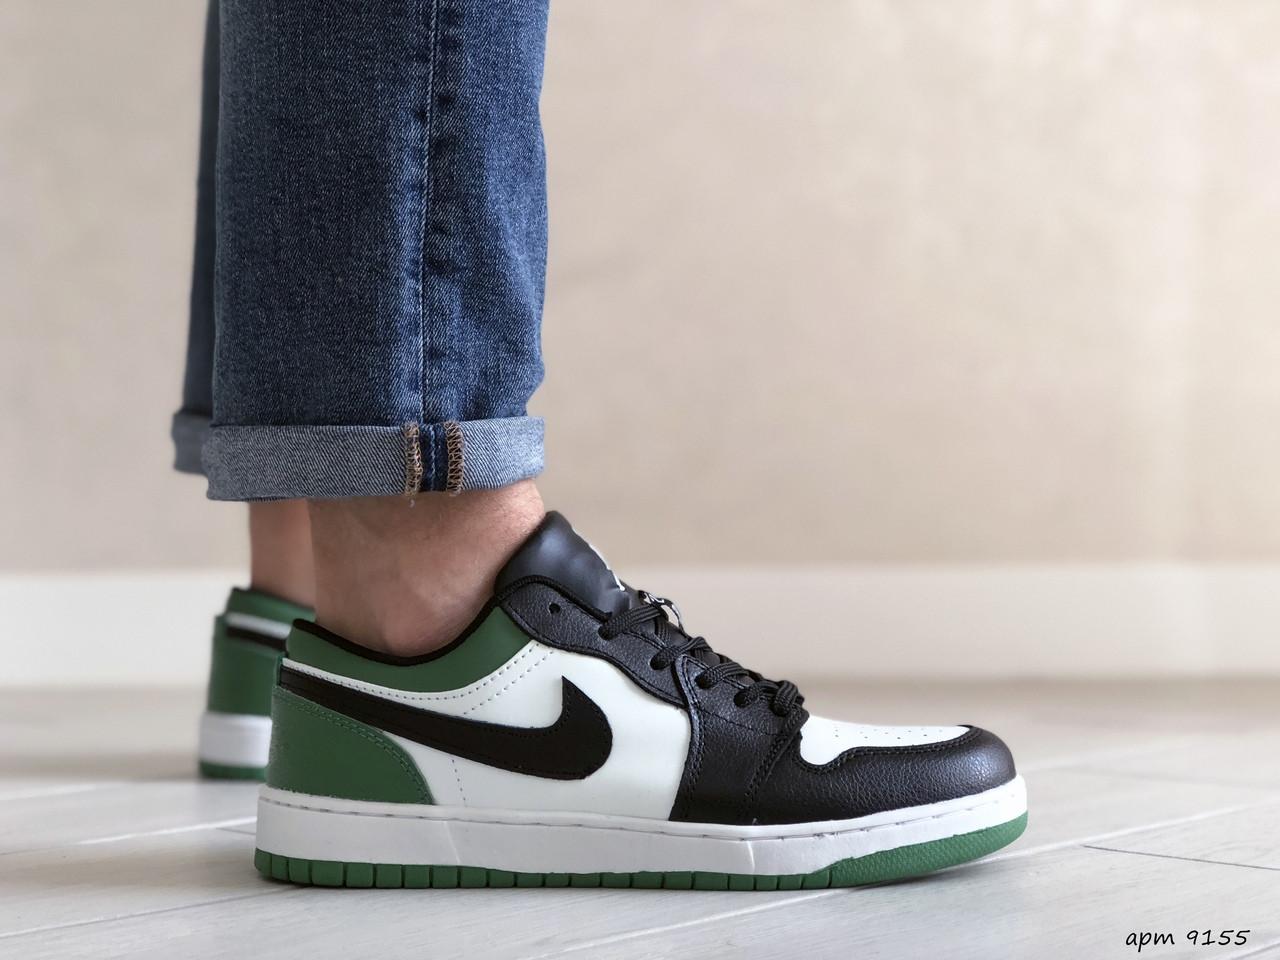 Мужские весенние кроссовки (в стиле) Nike Air Jordan 1 Low, черно белые с зеленым